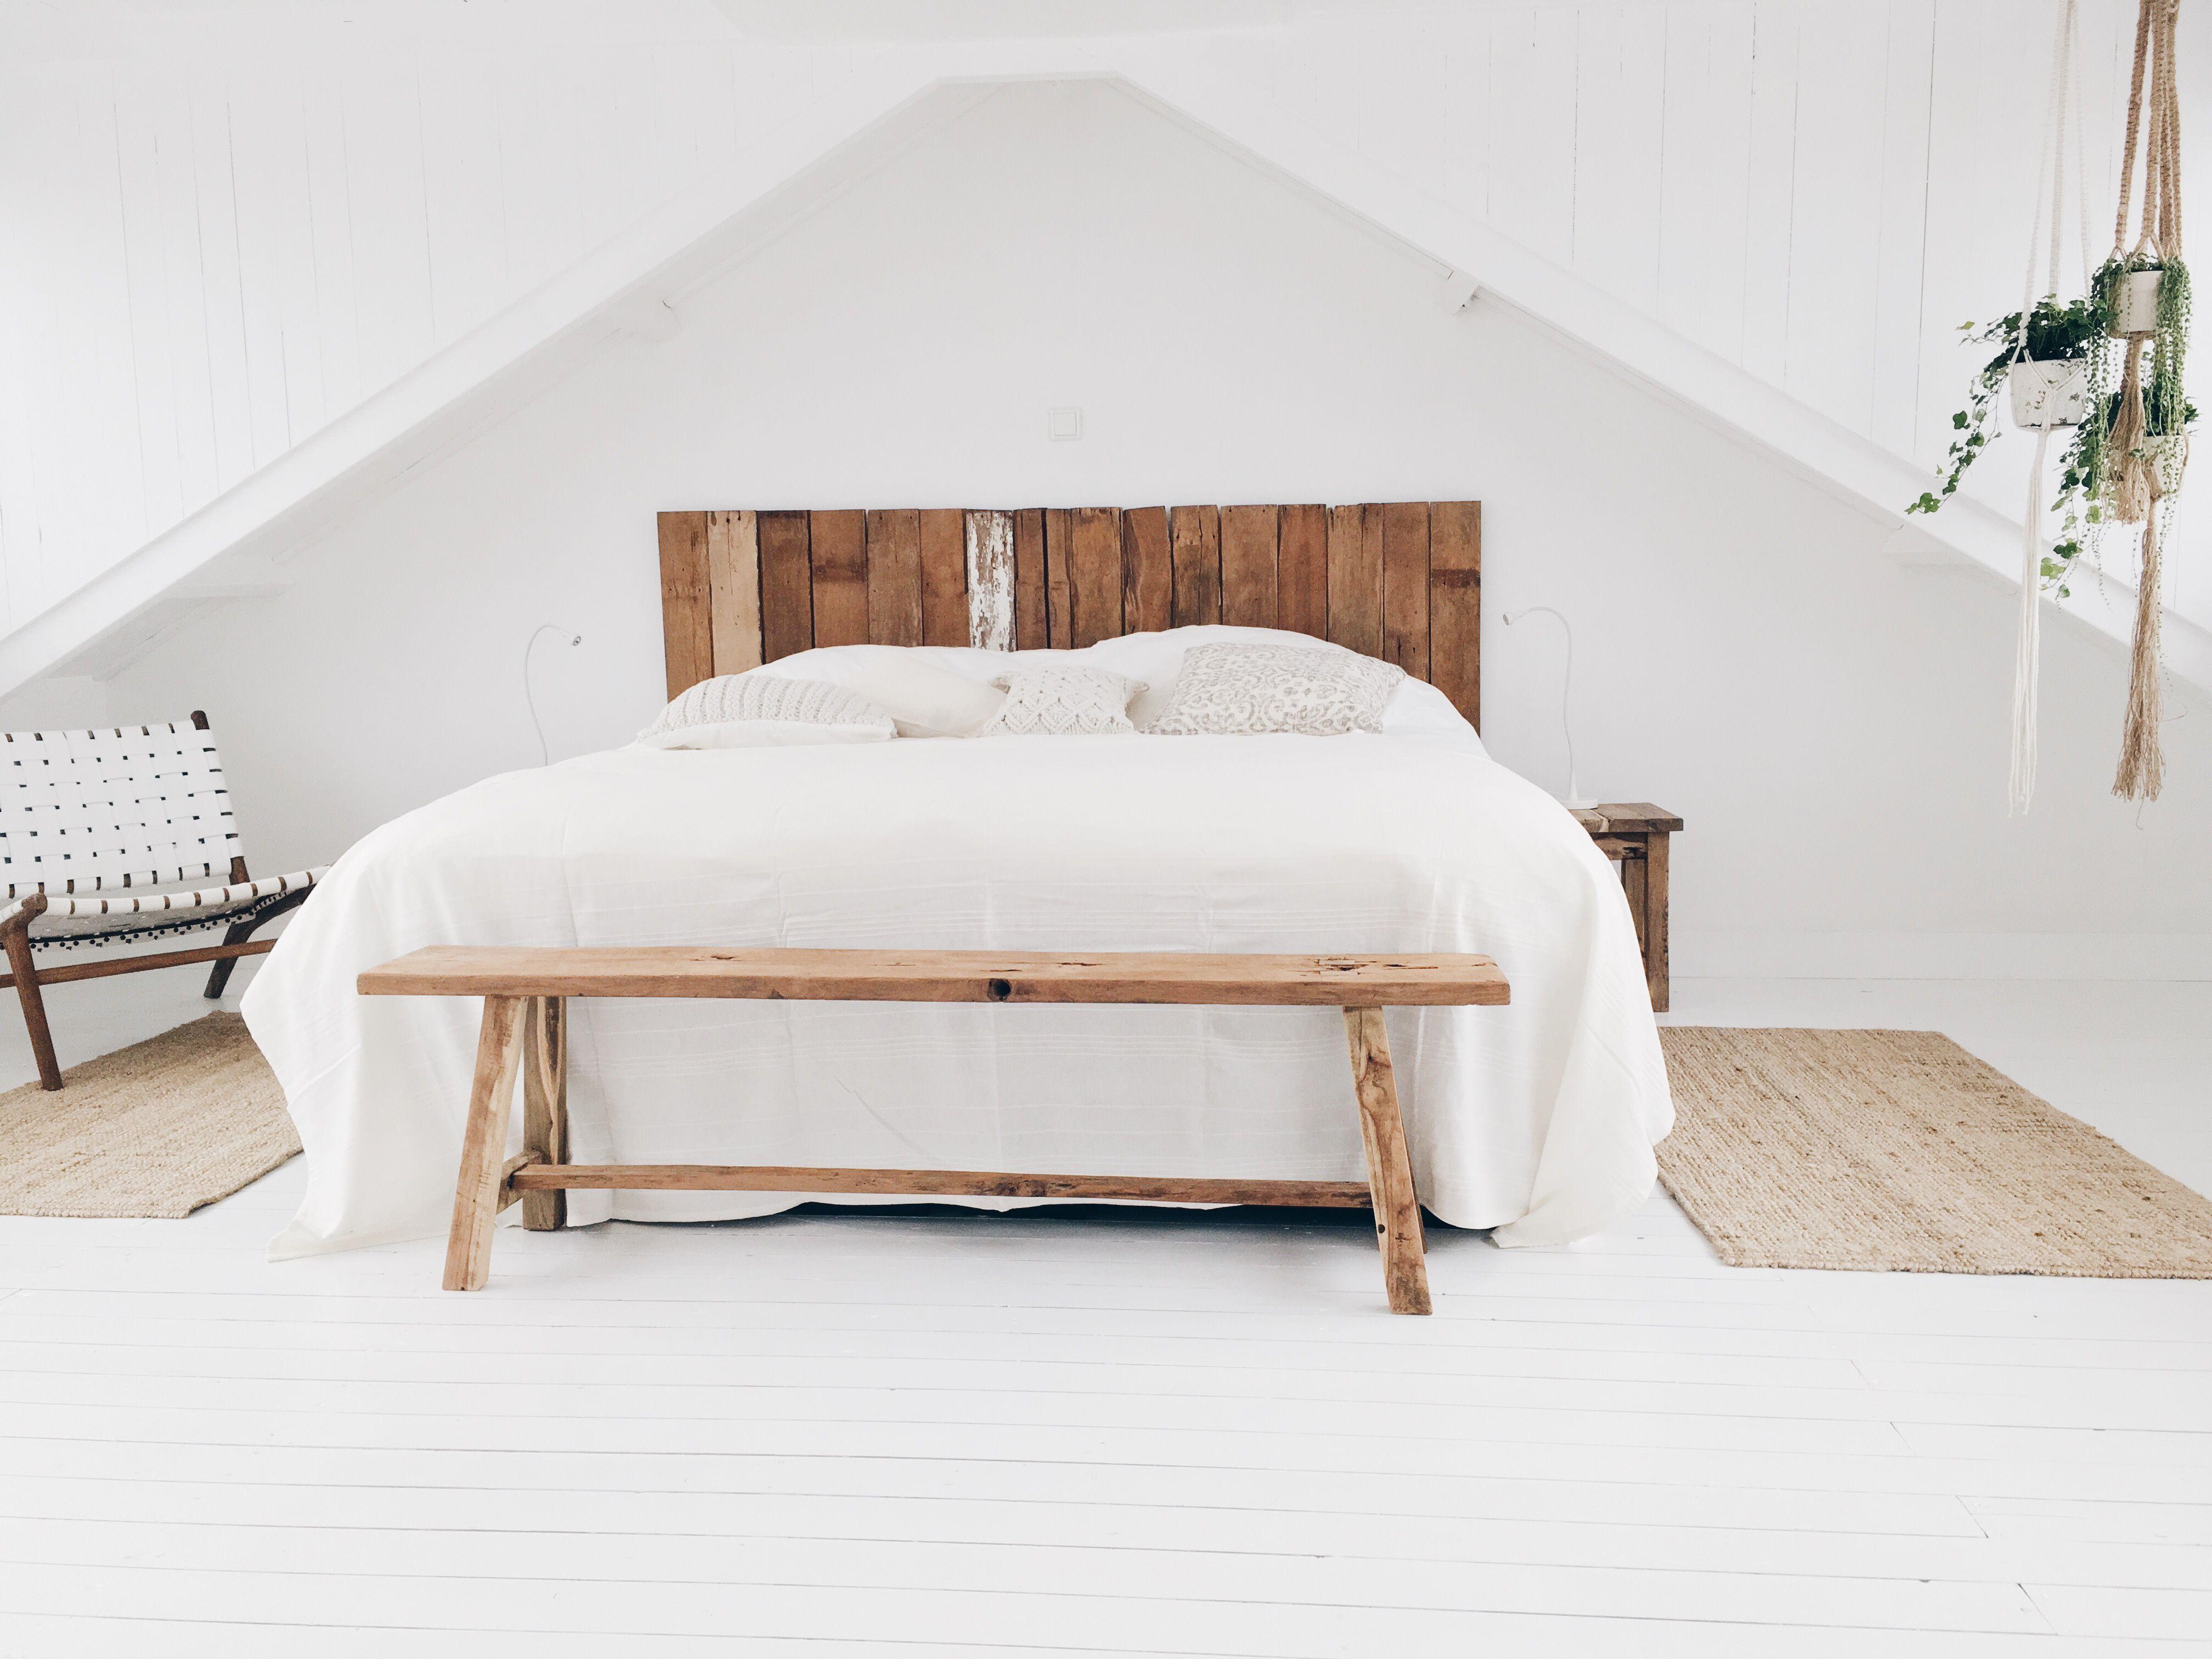 Houten Bankje Slaapkamer : Gallery of slaapkamer landelijk beste inspiratie voor interieur